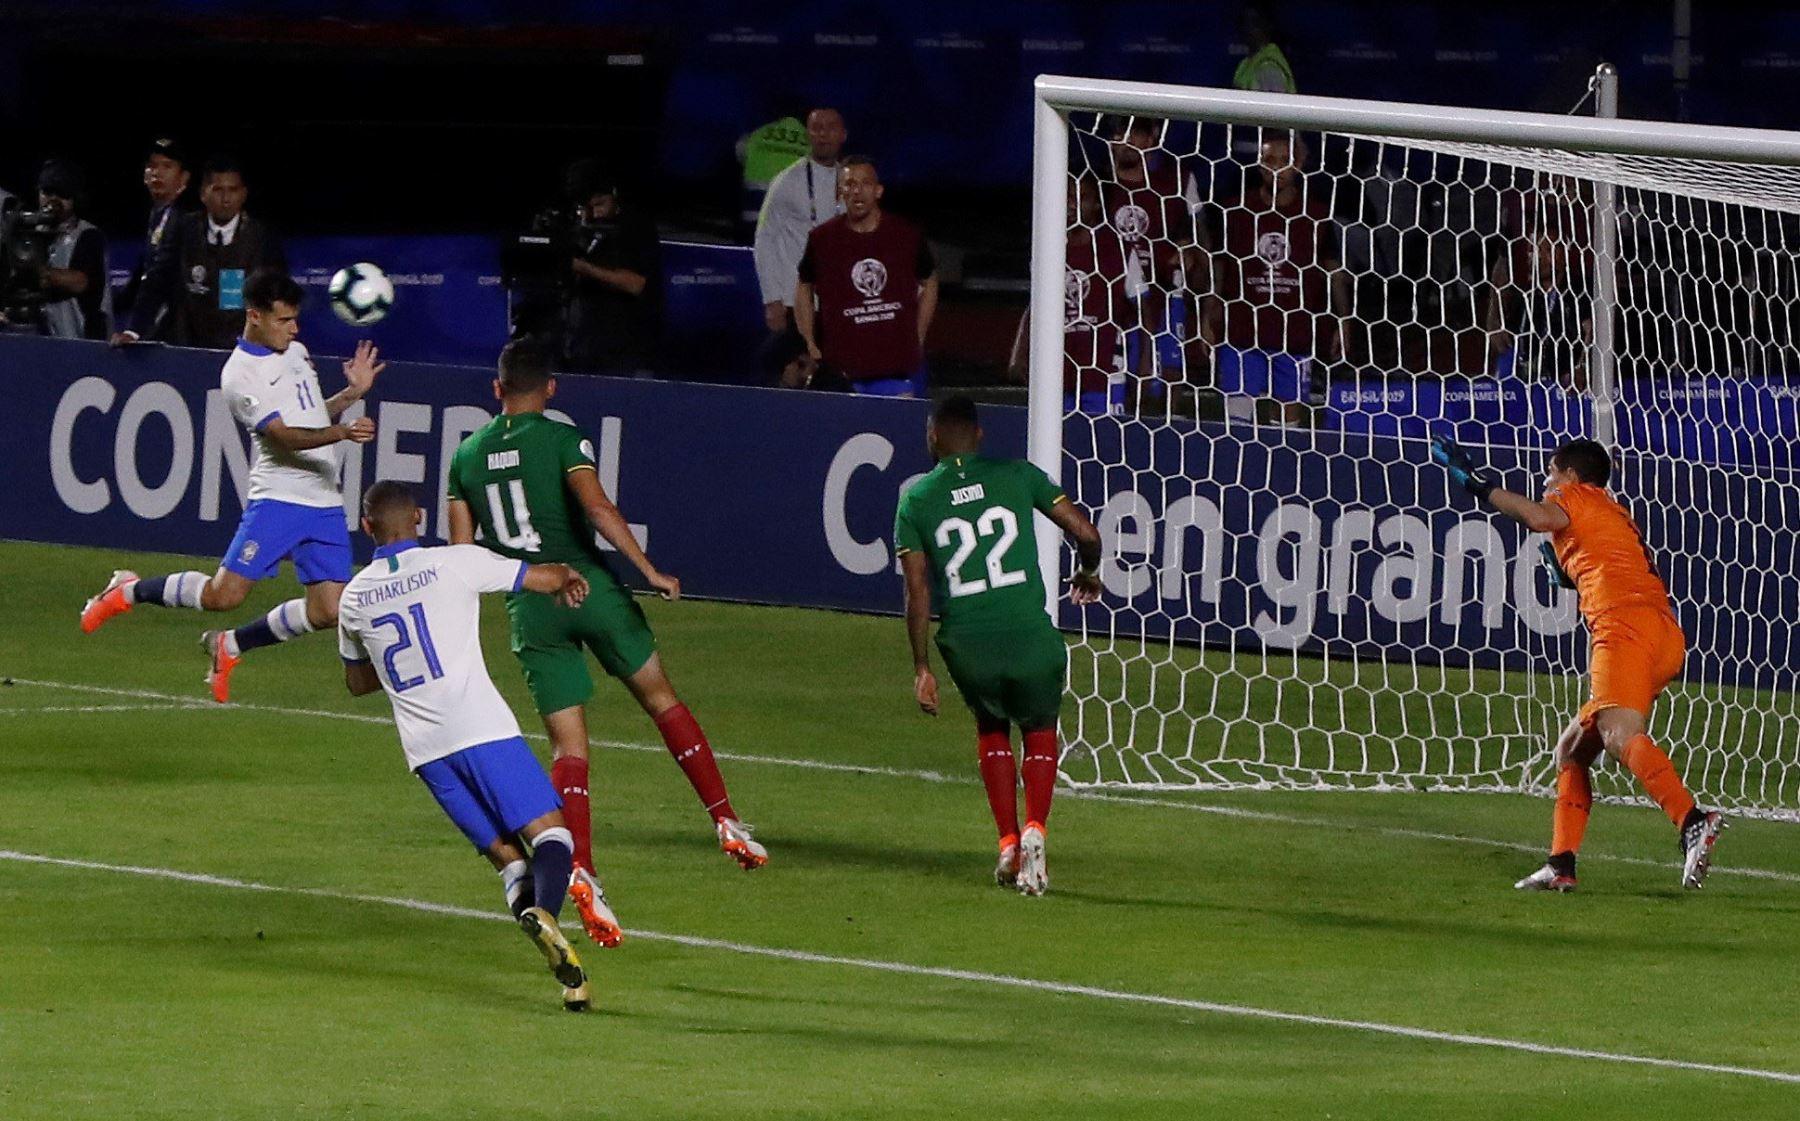 Philippe Countinho (i) anota un gol en el partido inaugural entre Brasil y Bolivia del Grupo A en la Copa América de Fútbol 2019, en el Estadio Morumbi de São Paulo, Brasil.Foto.EFE